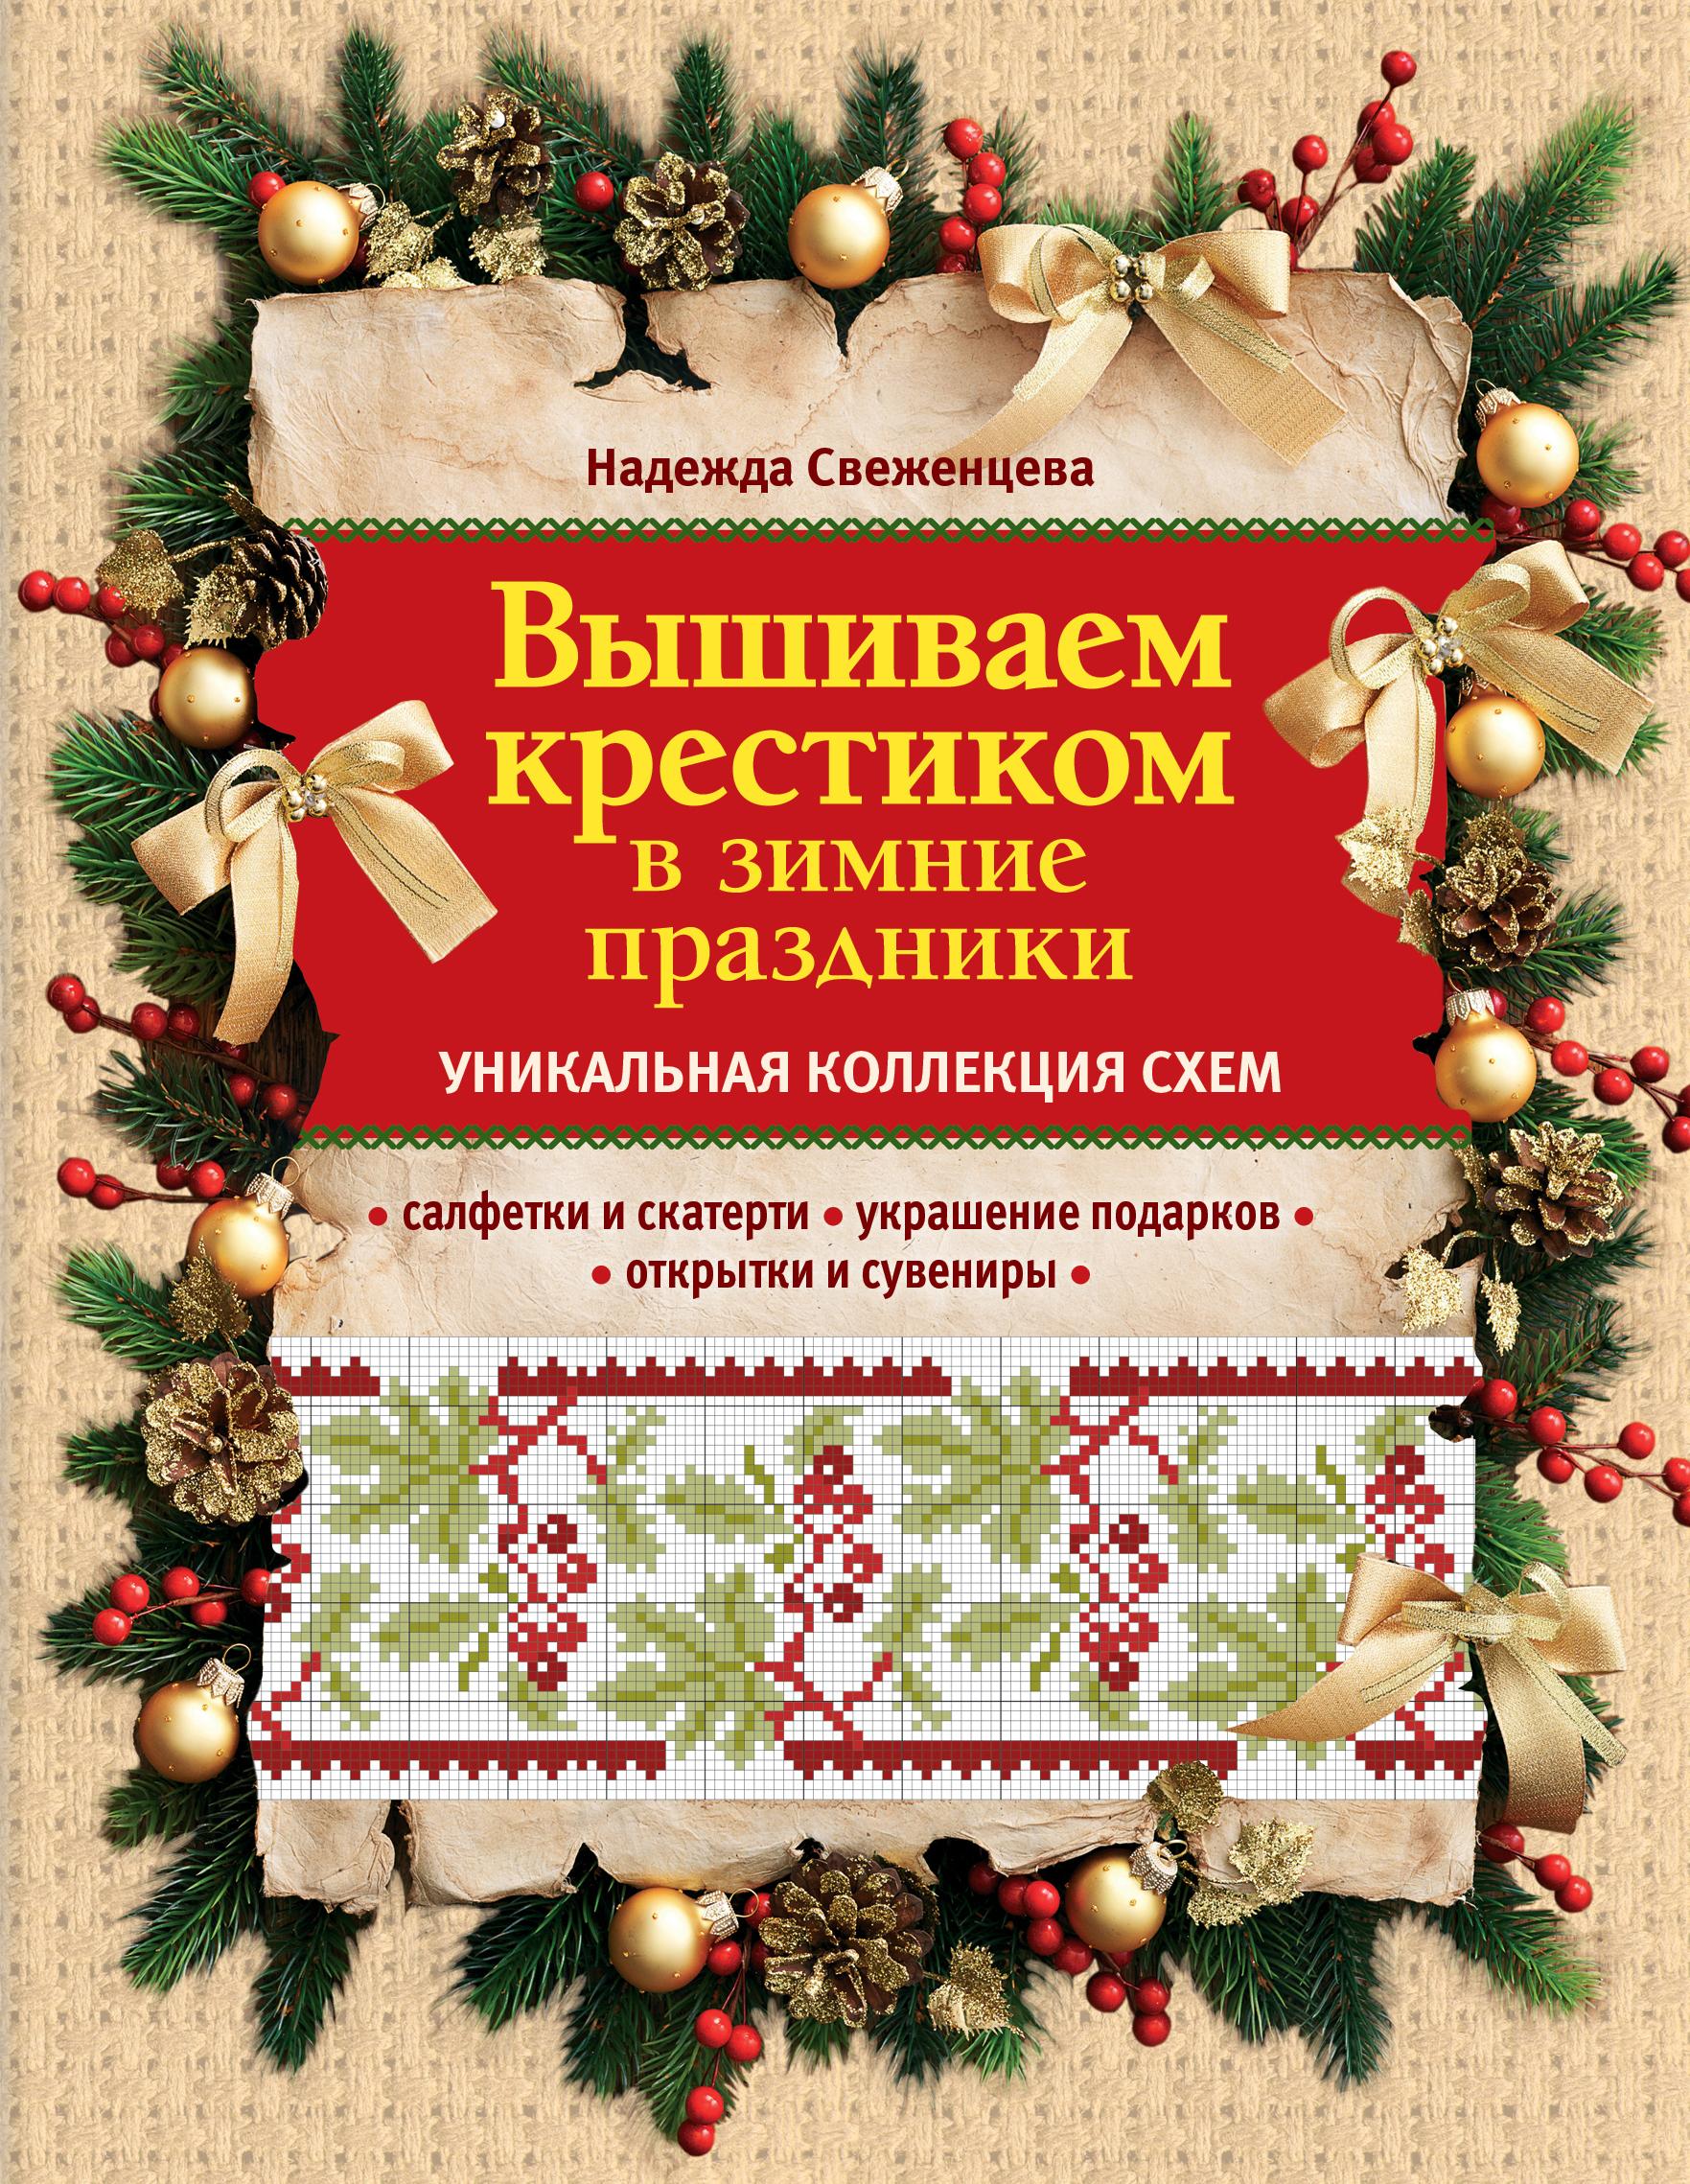 Свеженцева Н.А. Вышиваем крестиком в зимние праздники